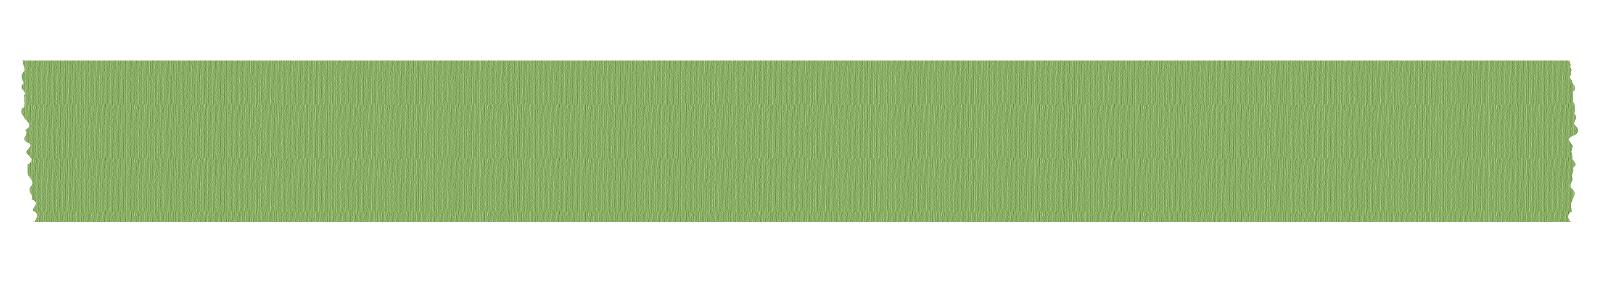 長く切った緑色のマスキングテープ